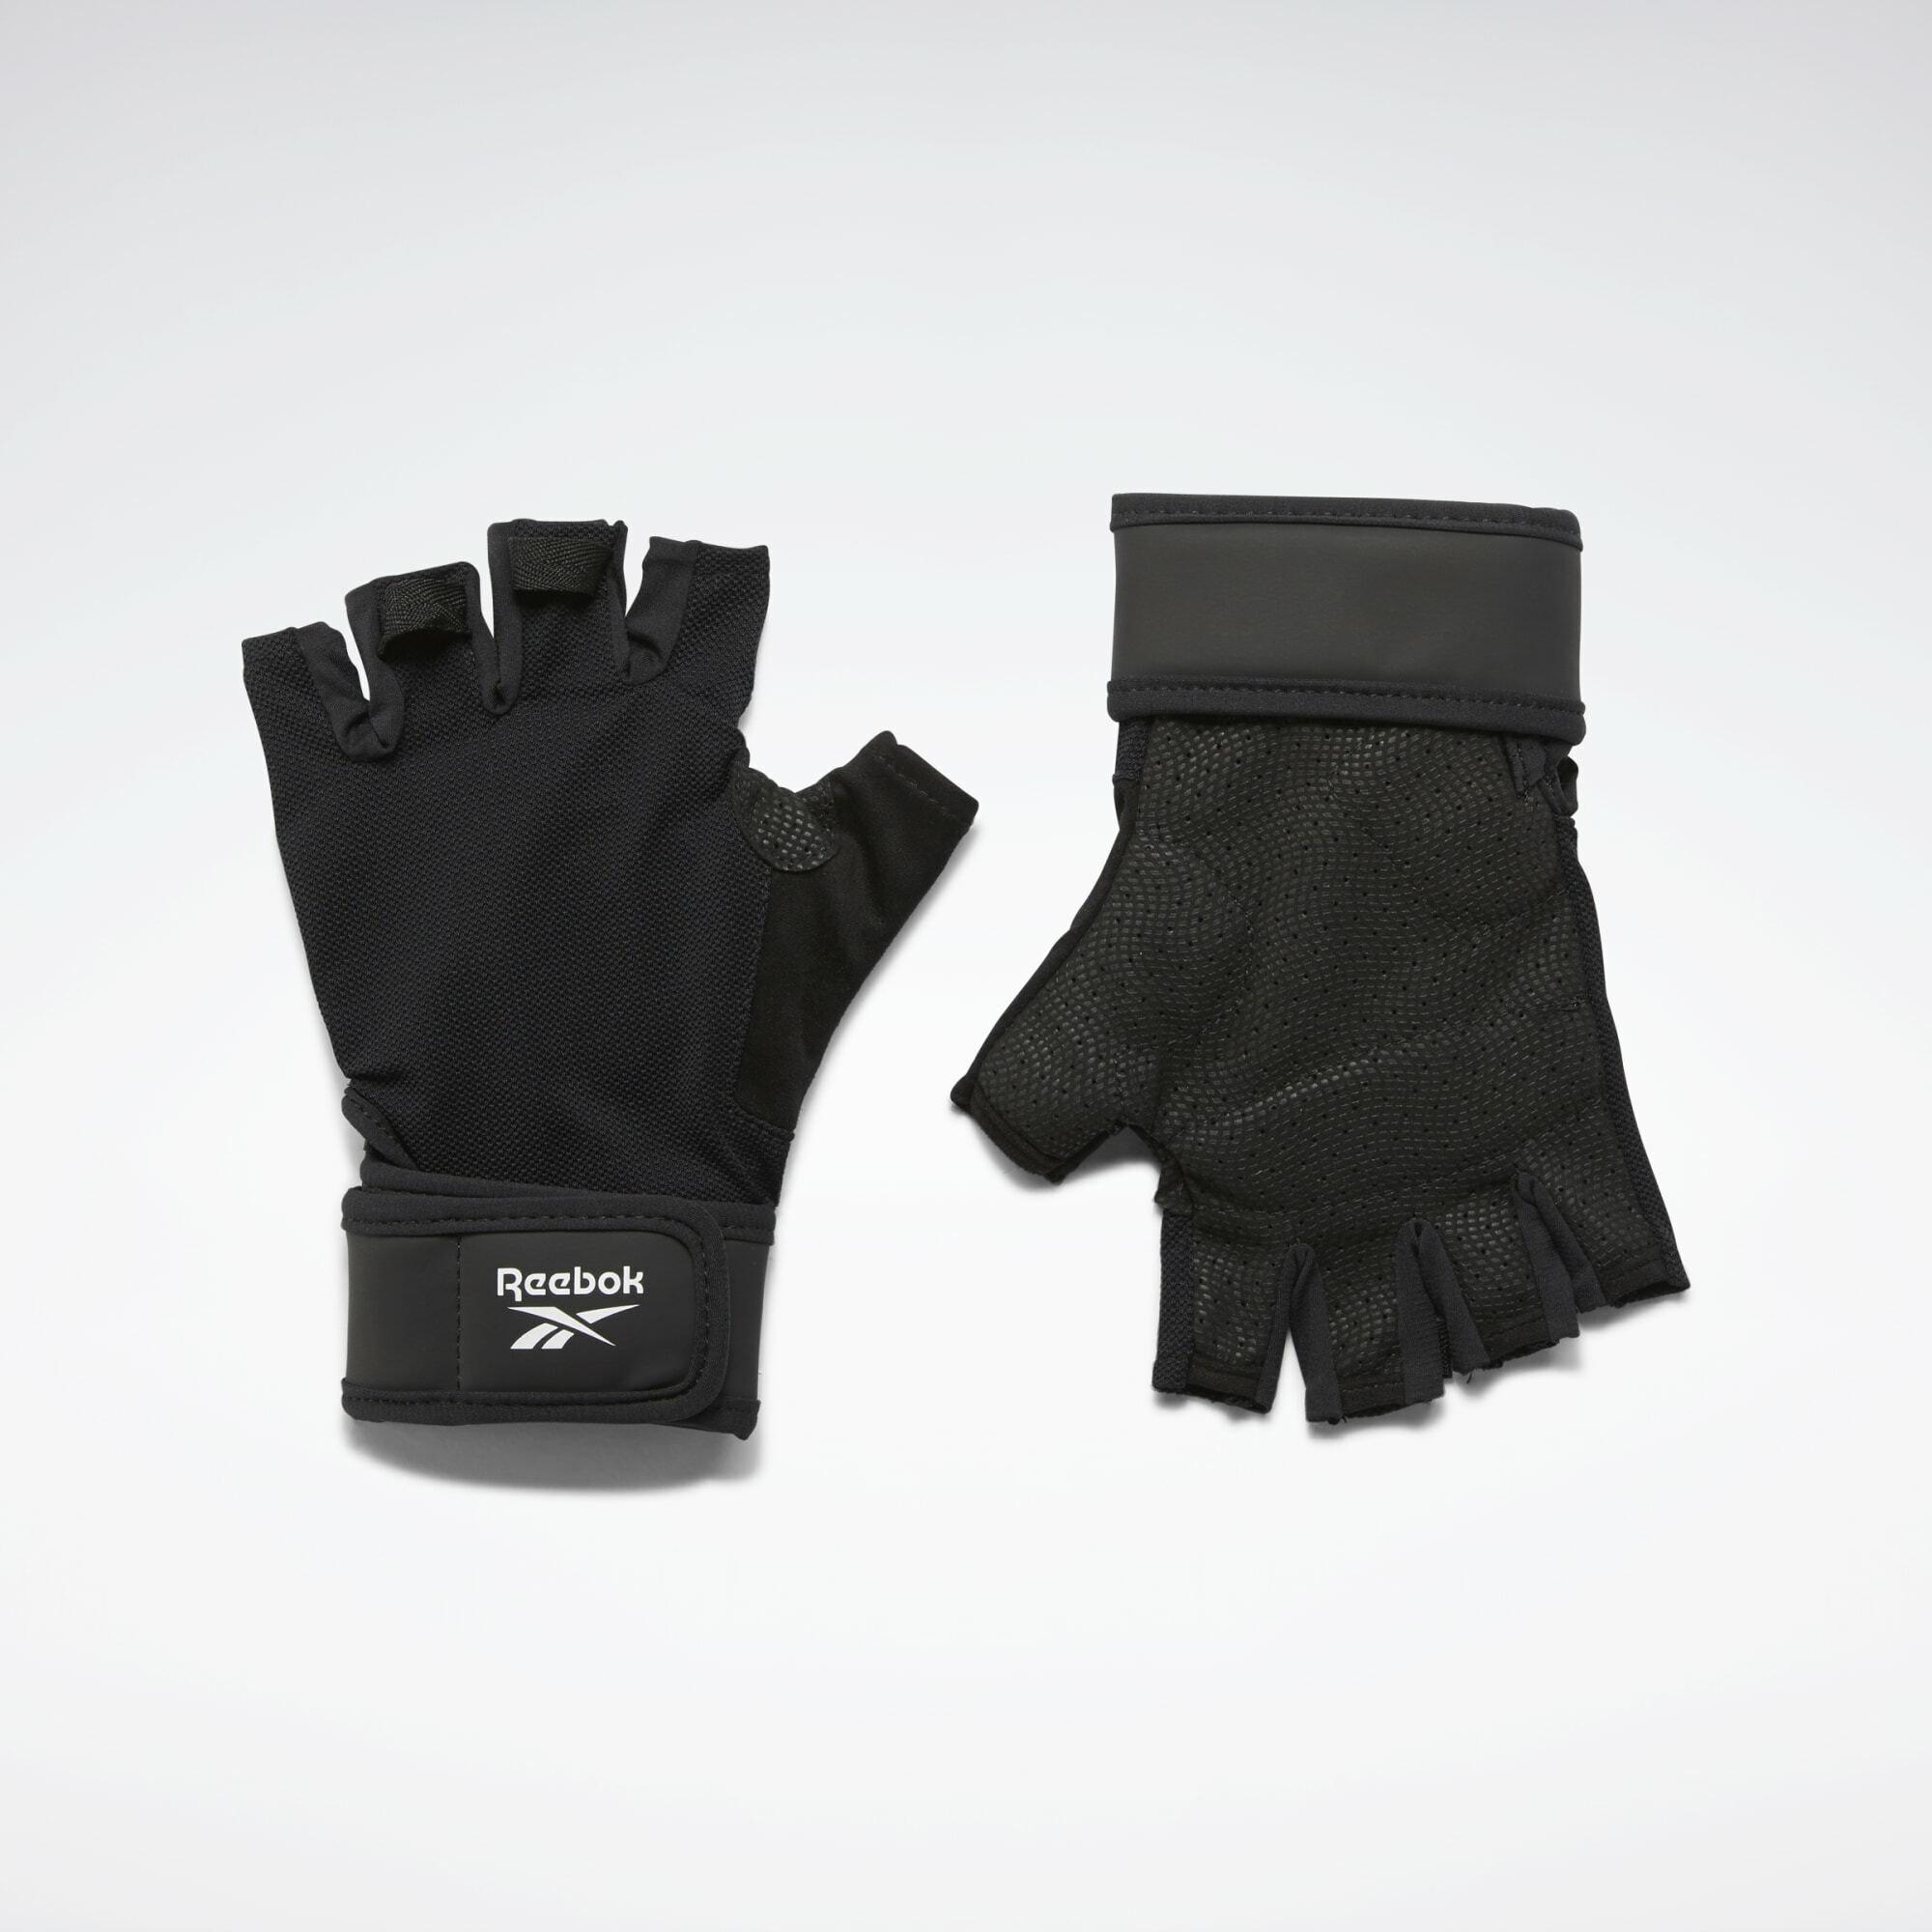 REEBOK Sportinės pirštinės juoda / balta